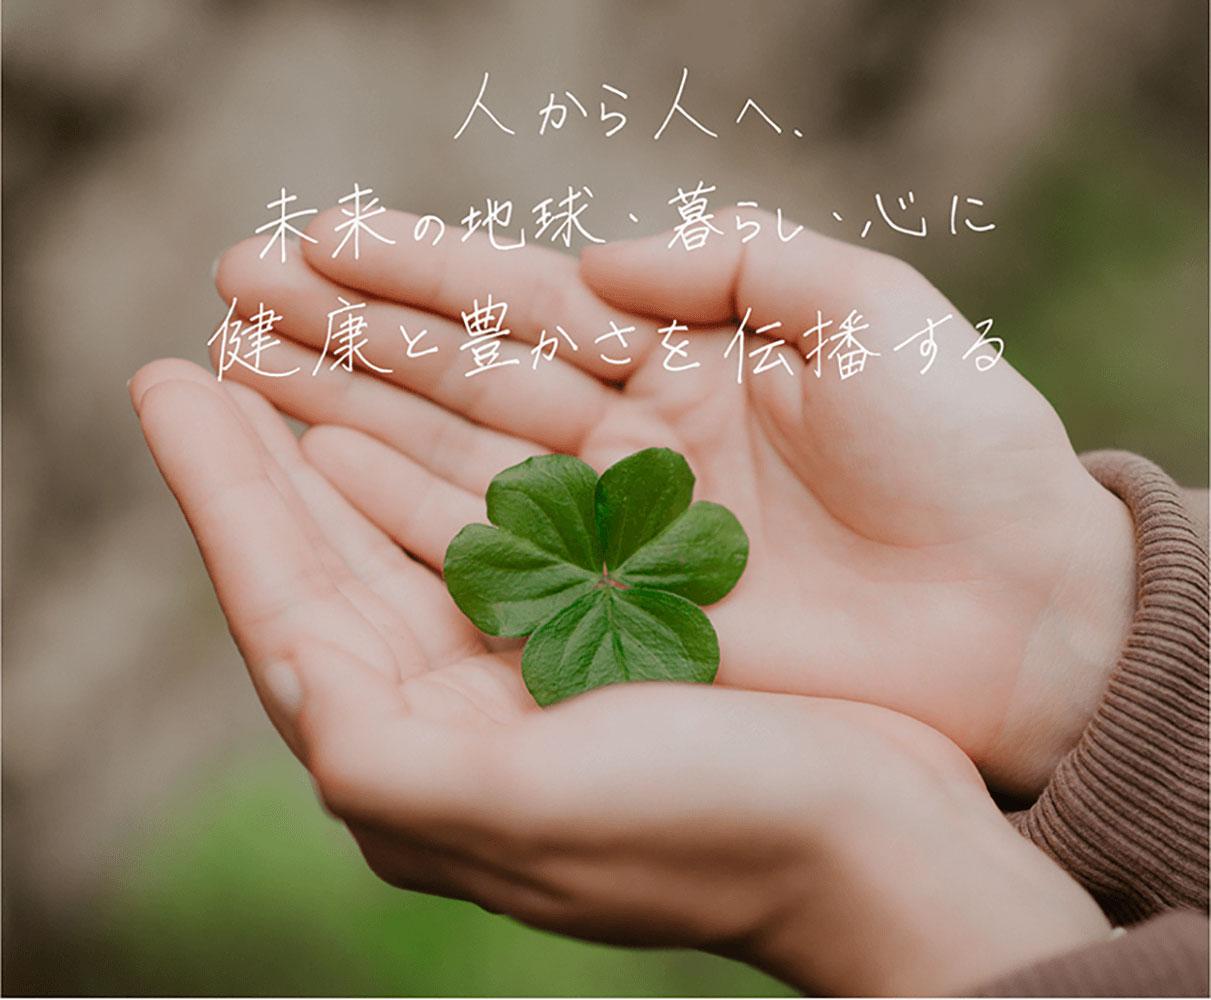 人からひとへ、未来の地球・暮らし・心に健康と豊さを伝播する